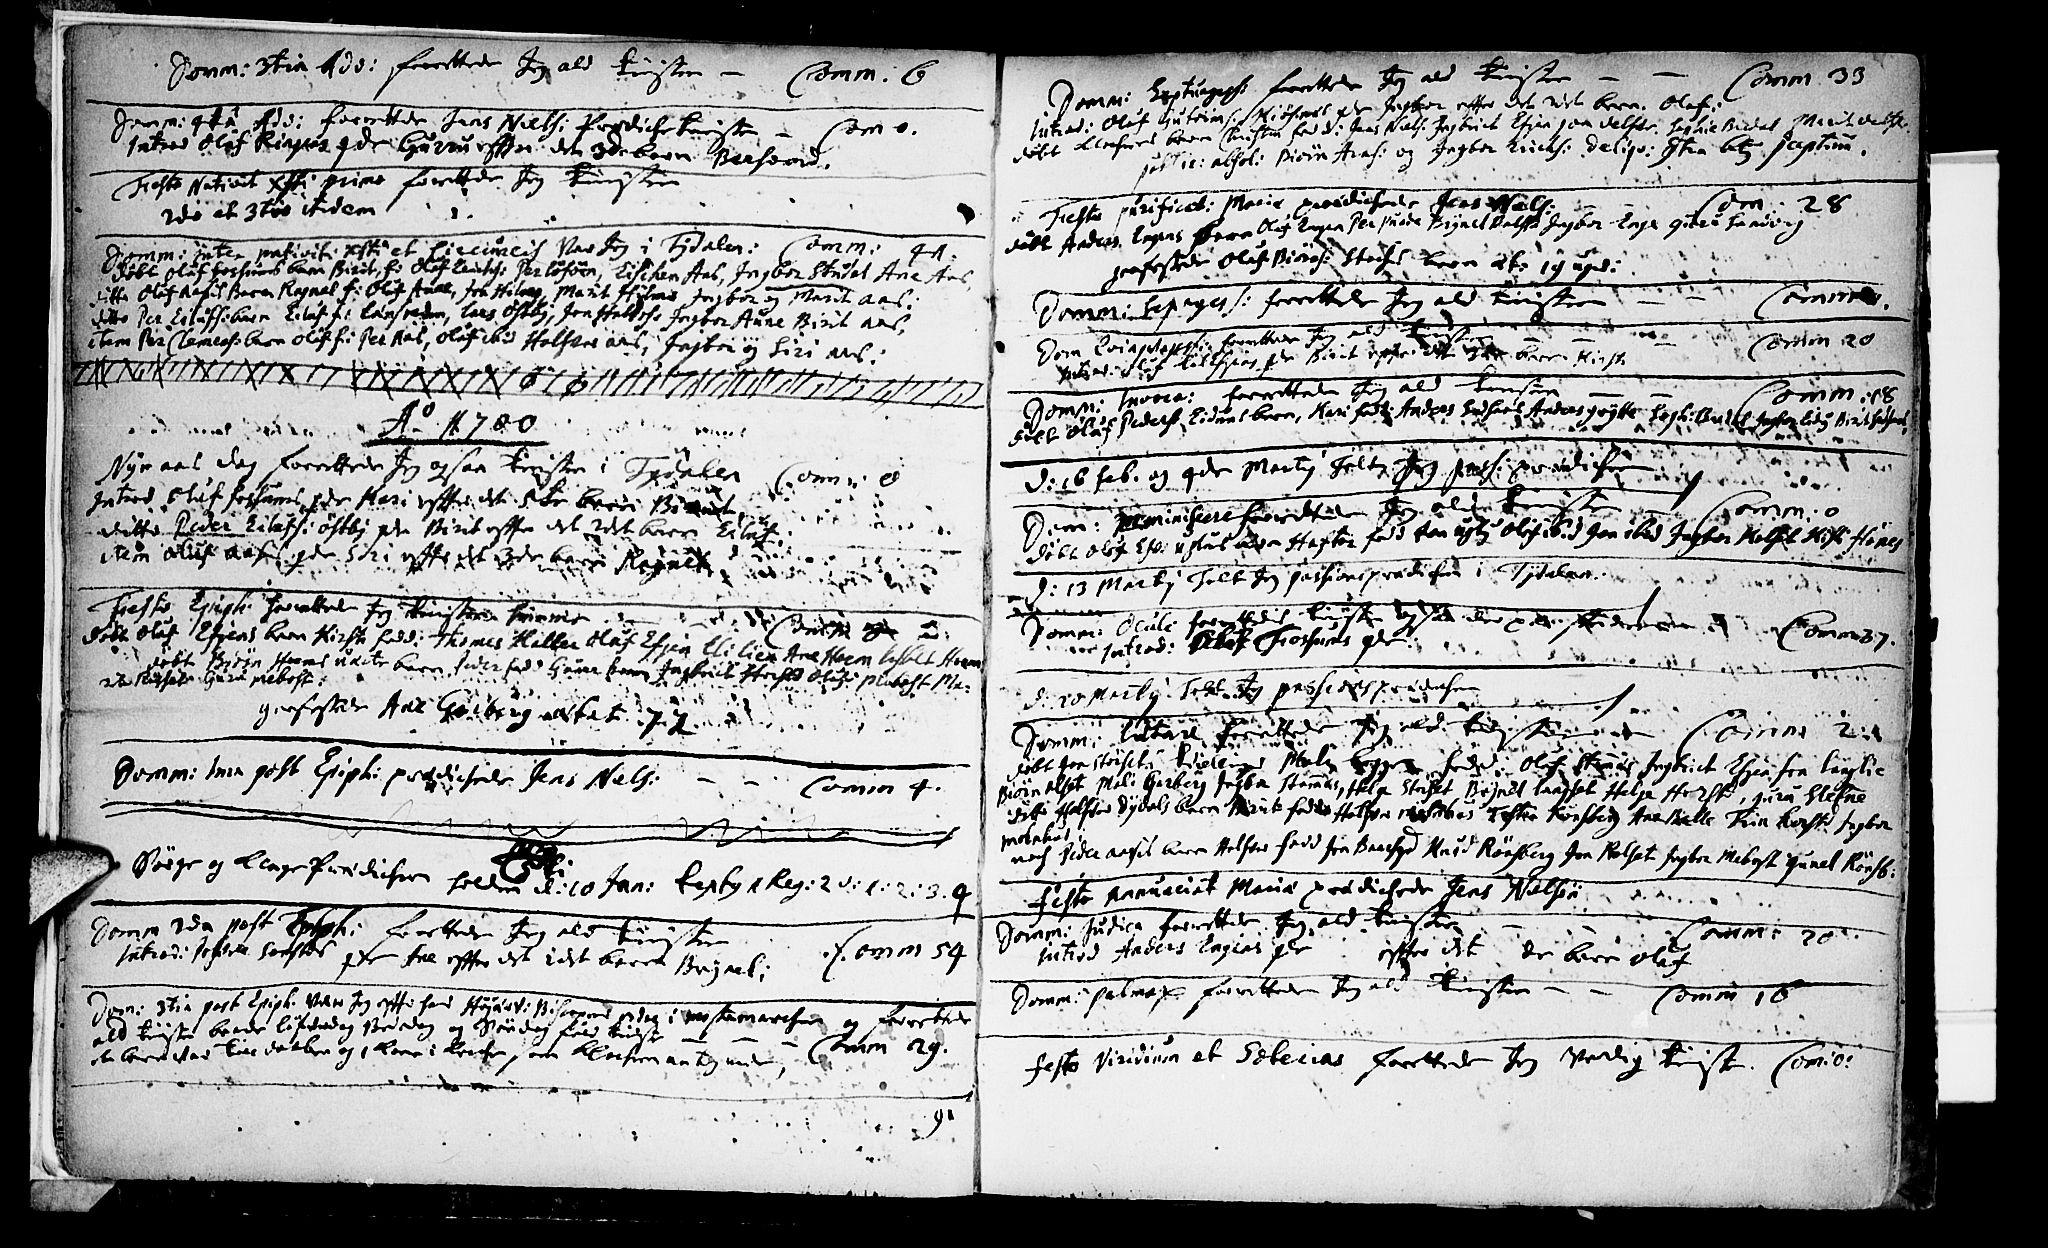 SAT, Ministerialprotokoller, klokkerbøker og fødselsregistre - Sør-Trøndelag, 695/L1137: Ministerialbok nr. 695A01, 1699-1737